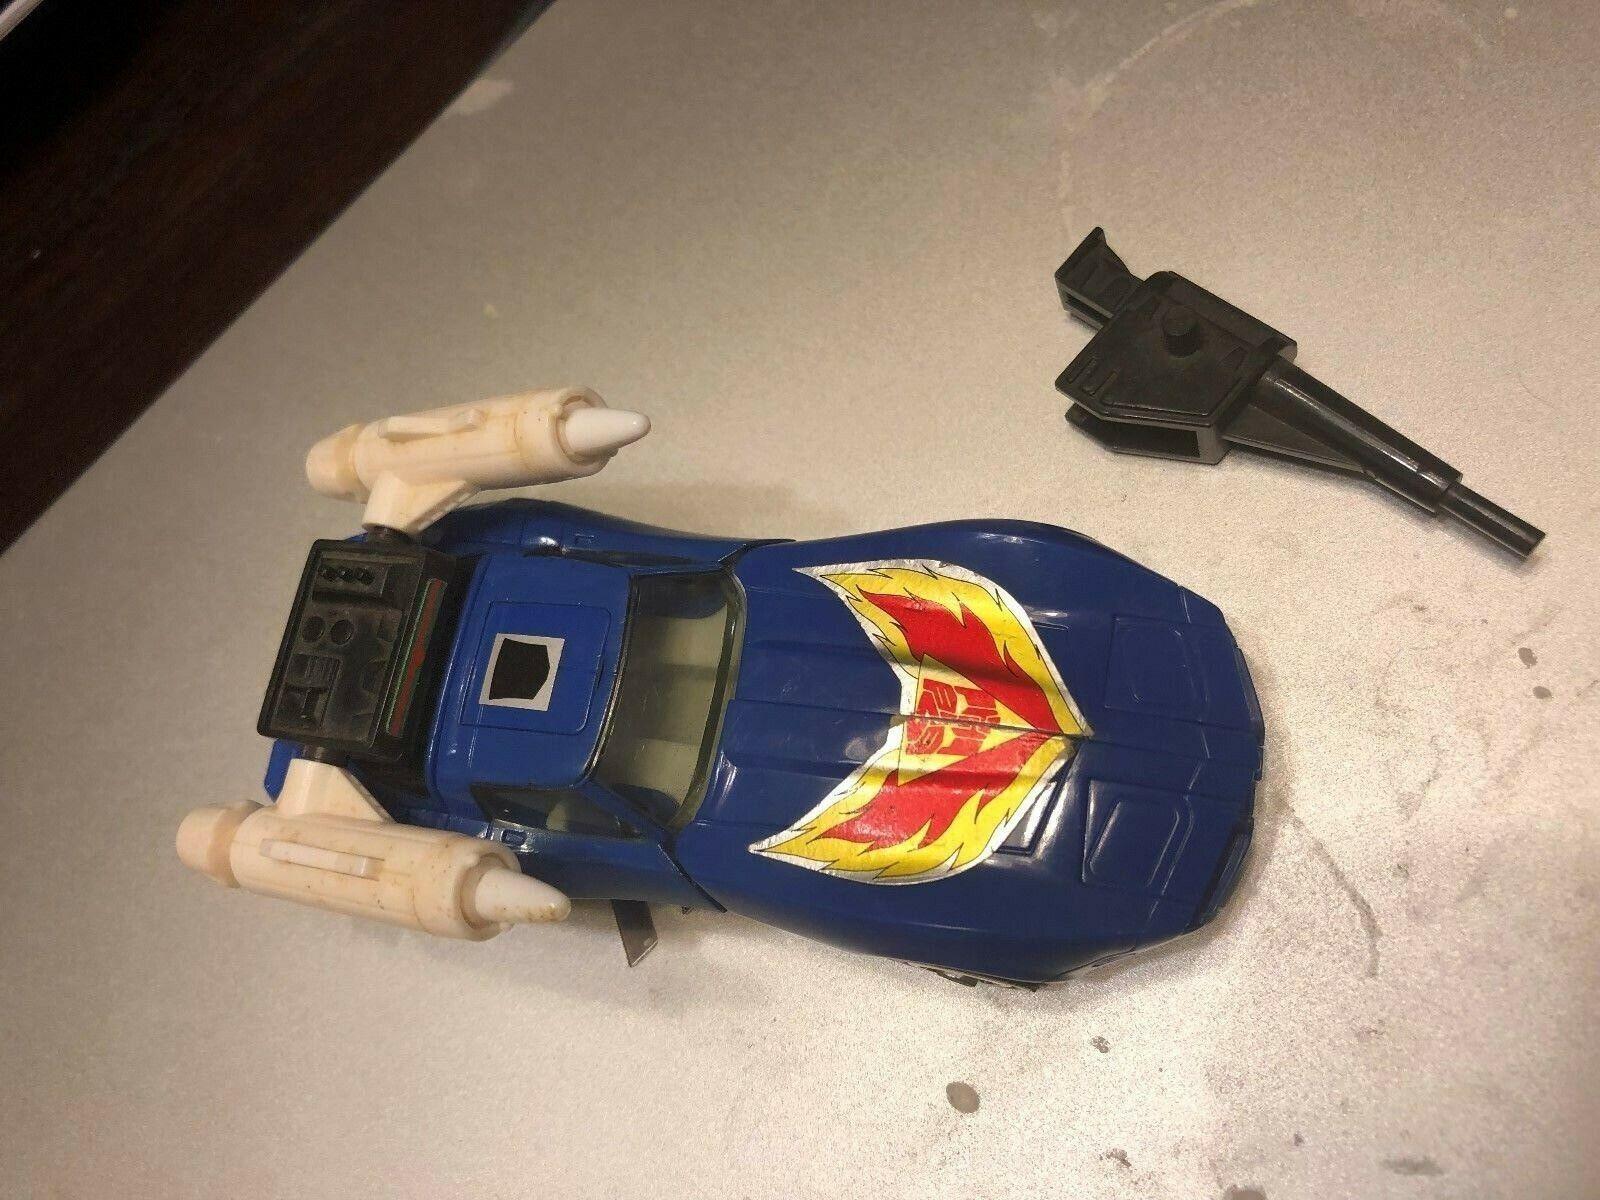 ahorra 50% -75% de descuento Transformers G1  pistas  Autobot coche coche coche  VINTAGE  1985 agradable y limpio LQQK     Obtén lo ultimo